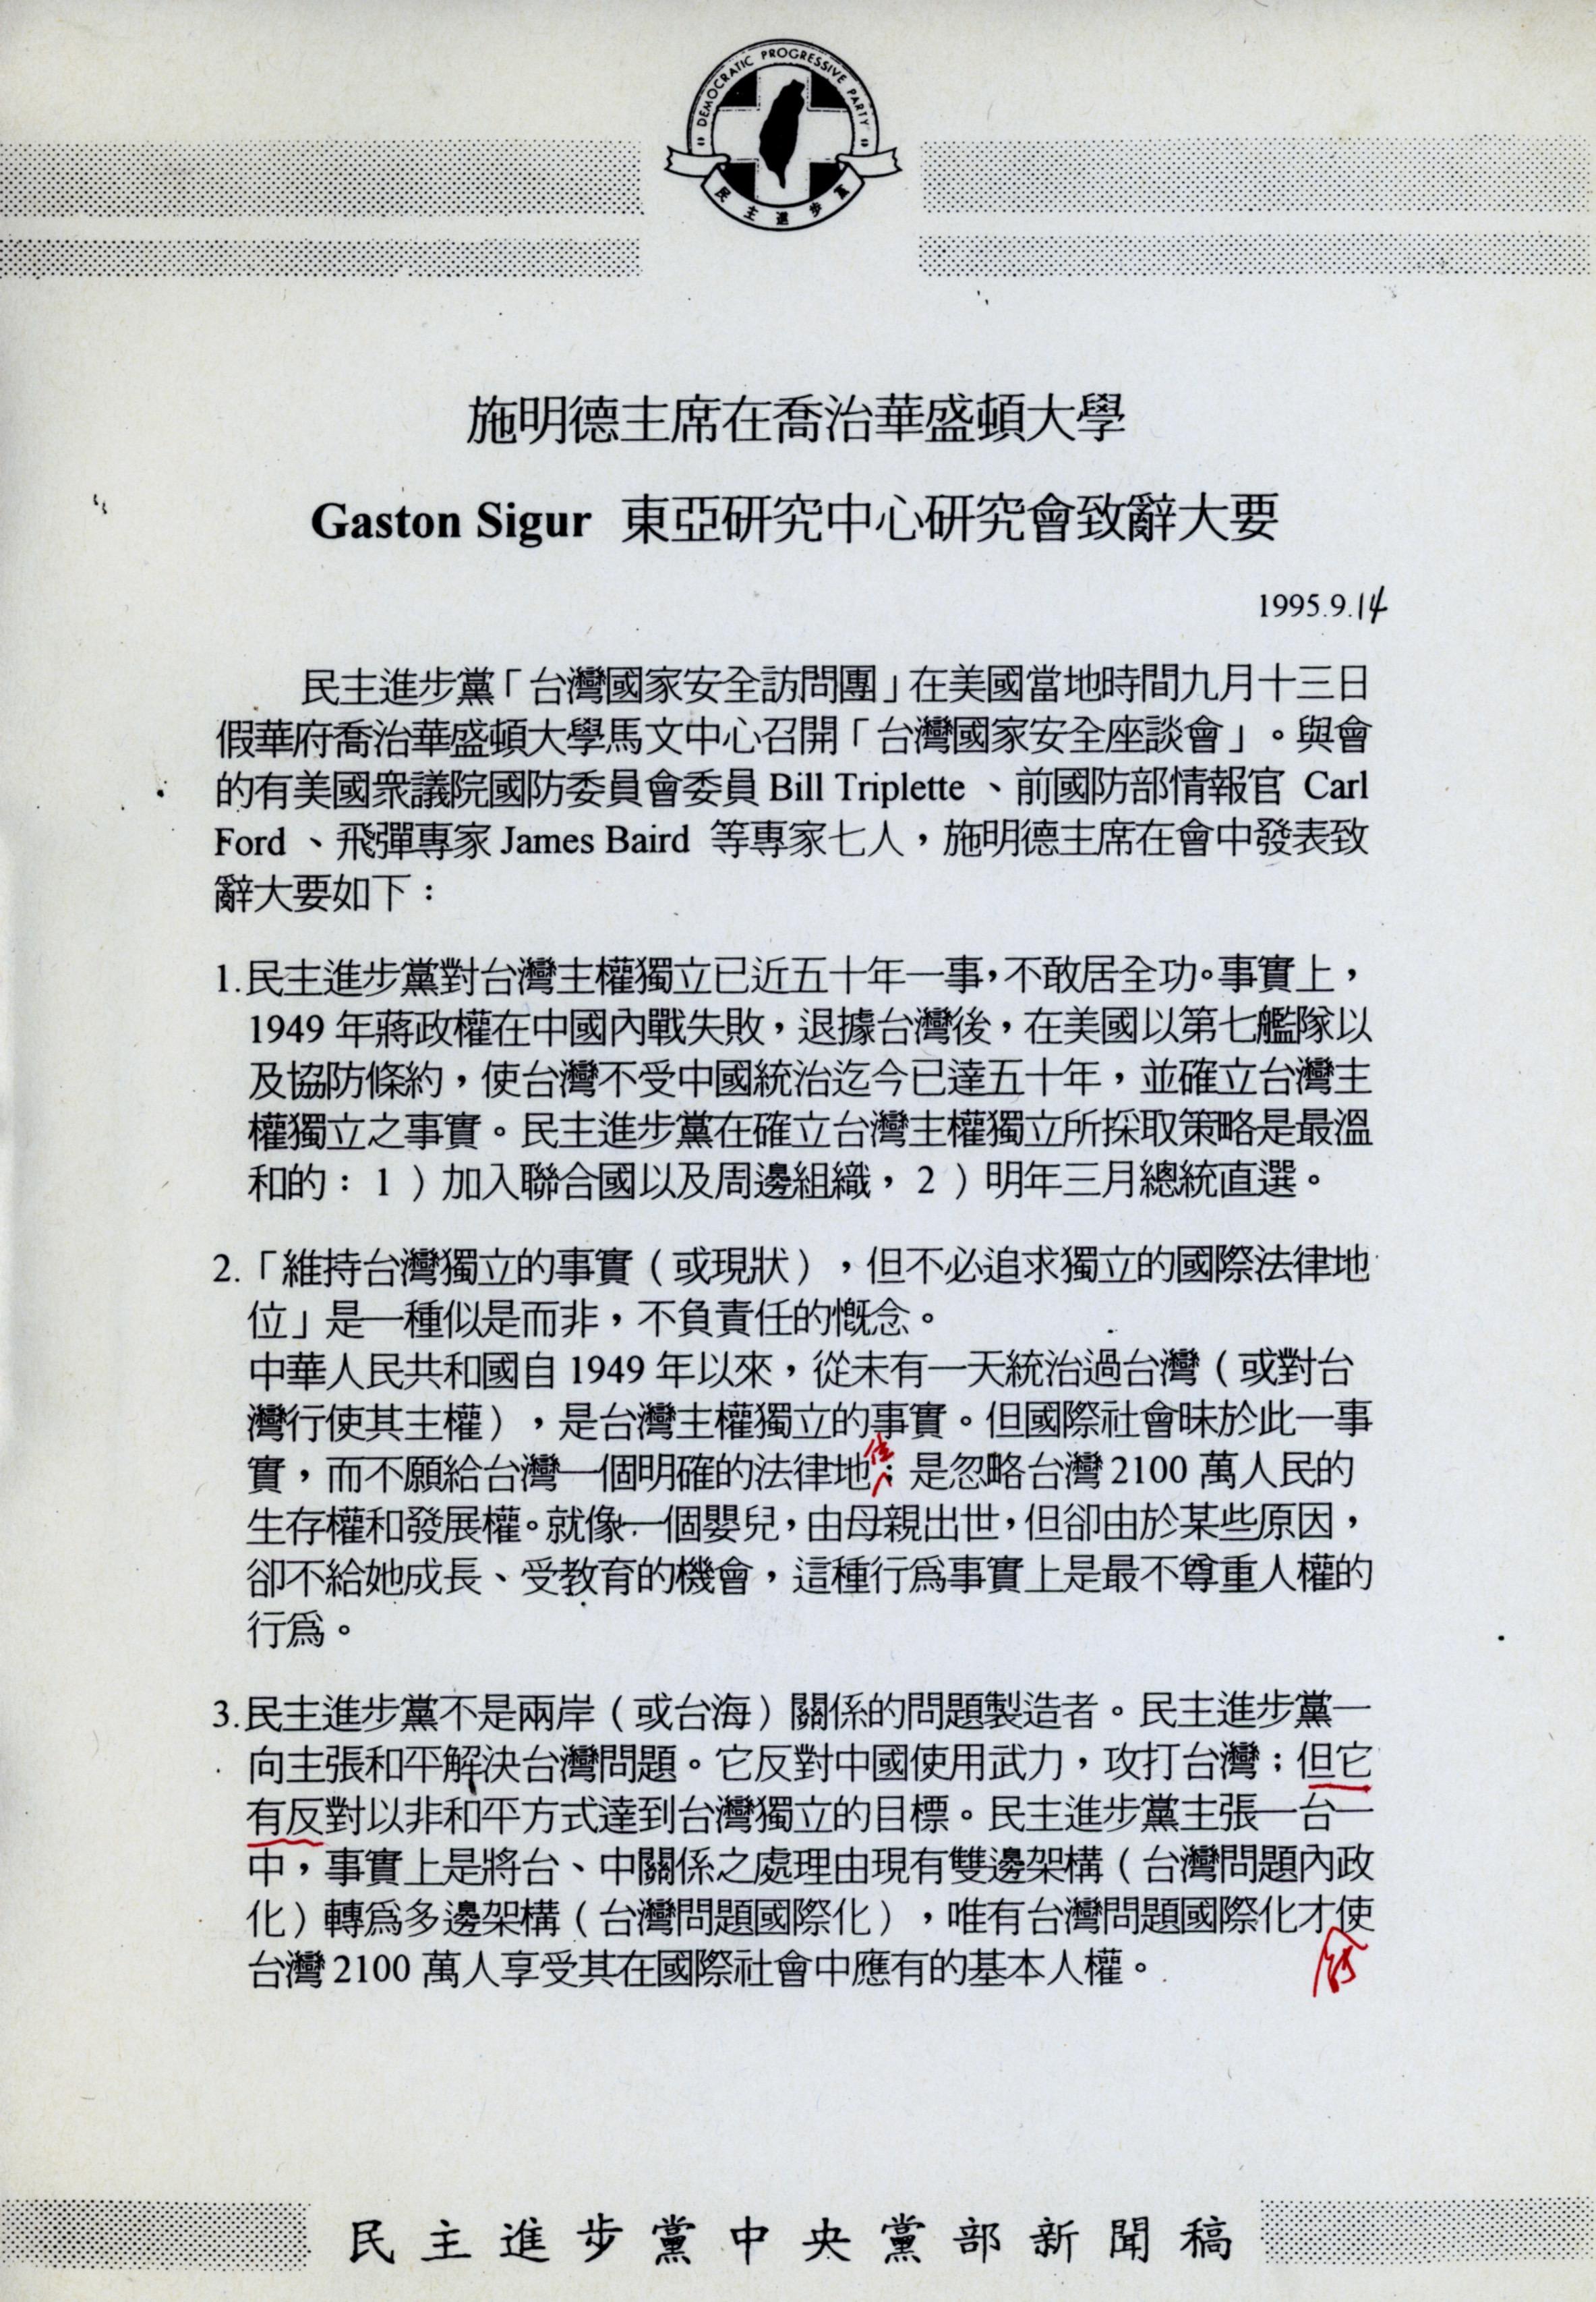 1995/9/14 施明德主席喬治華盛頓大學 Gaston Sigur 東亞研究所致詞大要